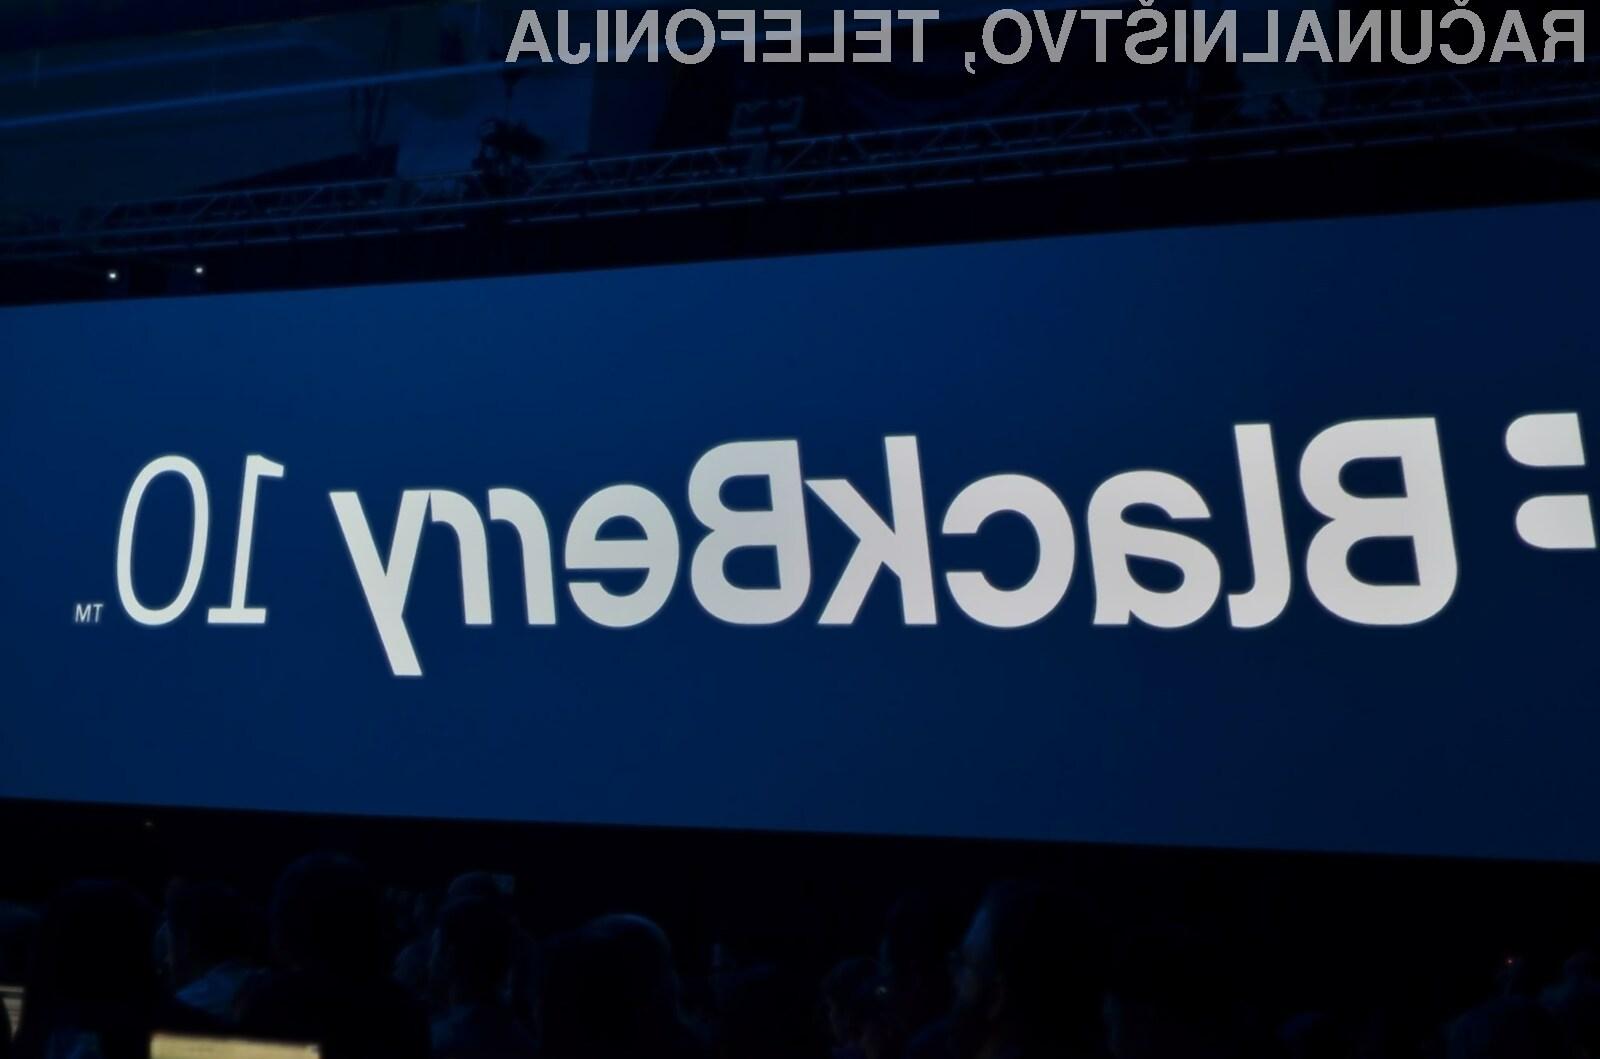 Starejši pametni mobilni telefoni BlackBerry bodo kmalu postal povsem neuporabni.